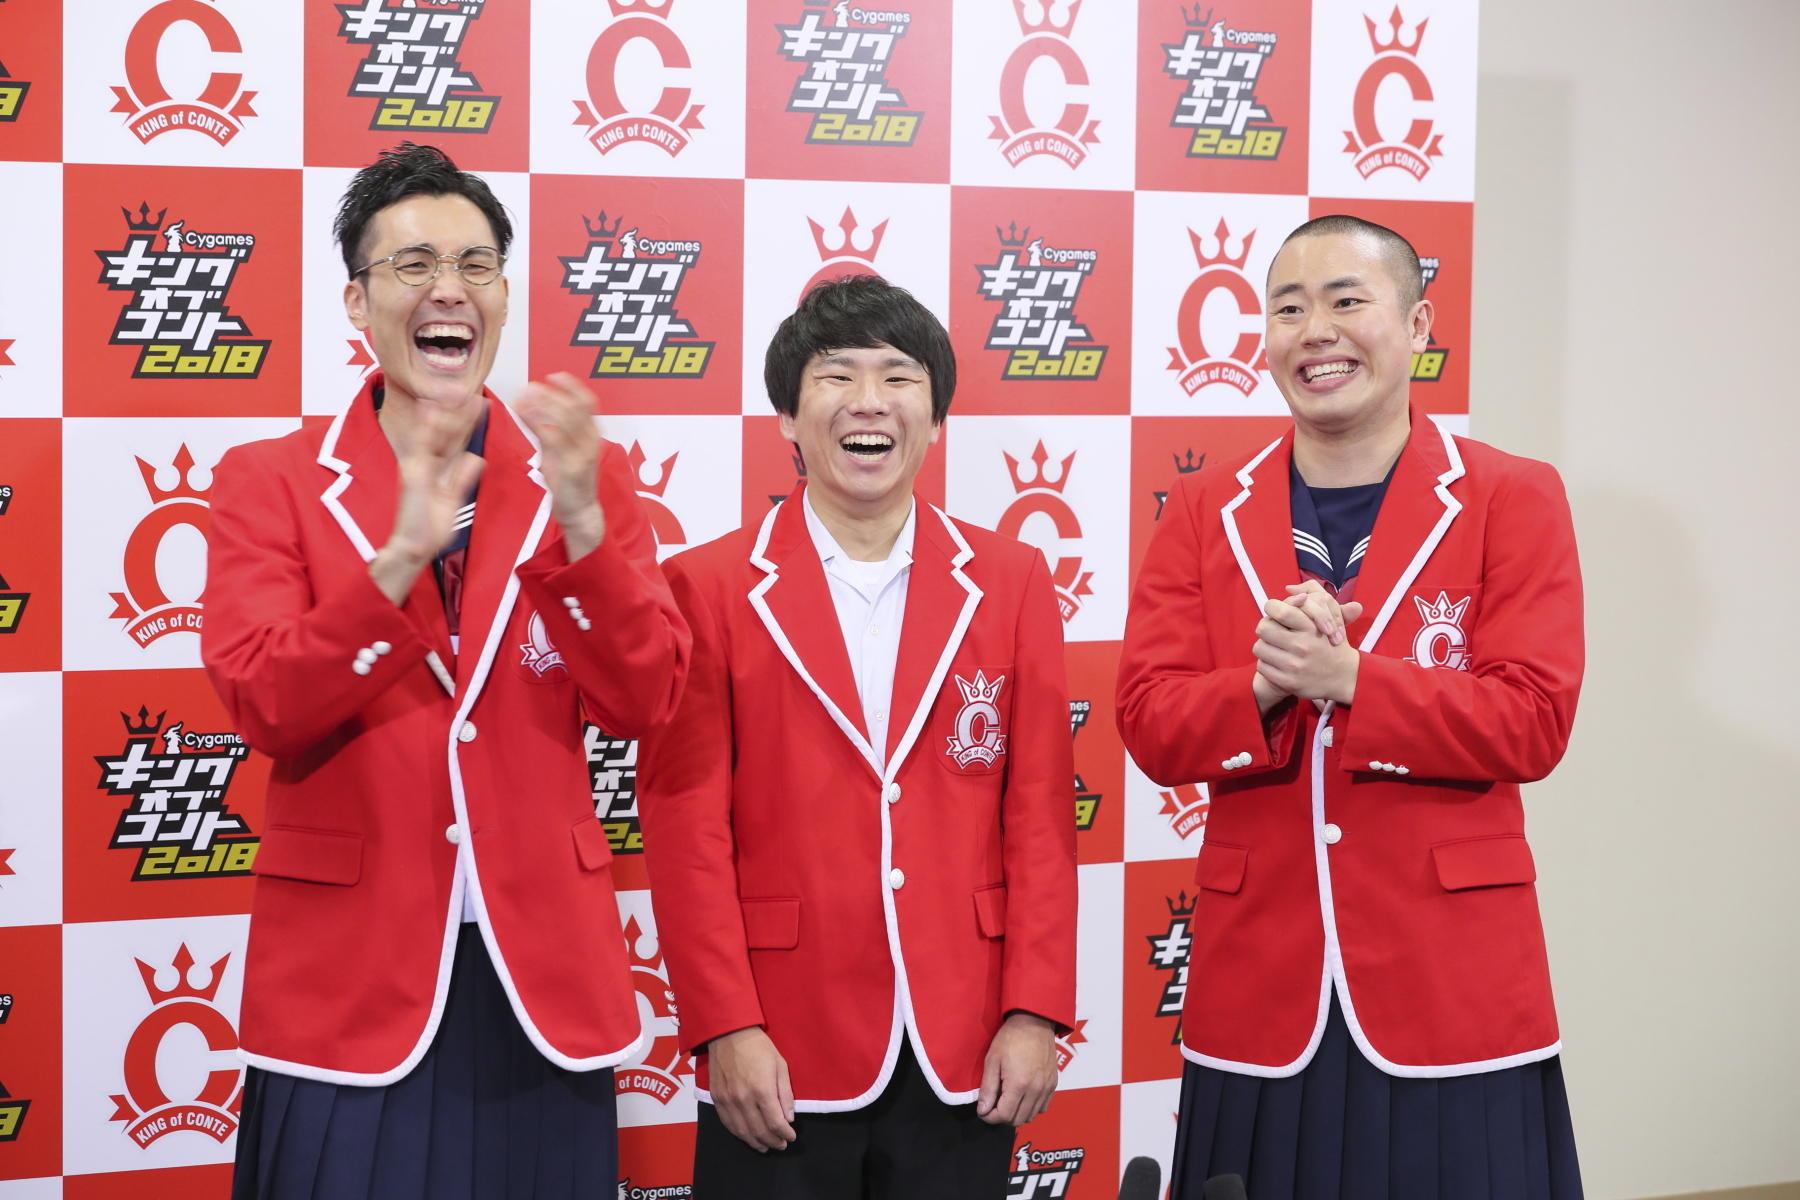 http://news.yoshimoto.co.jp/20180923001443-0cf2b8dda07cd8ec2f3d93eb0ed2c47c19c06821.jpg